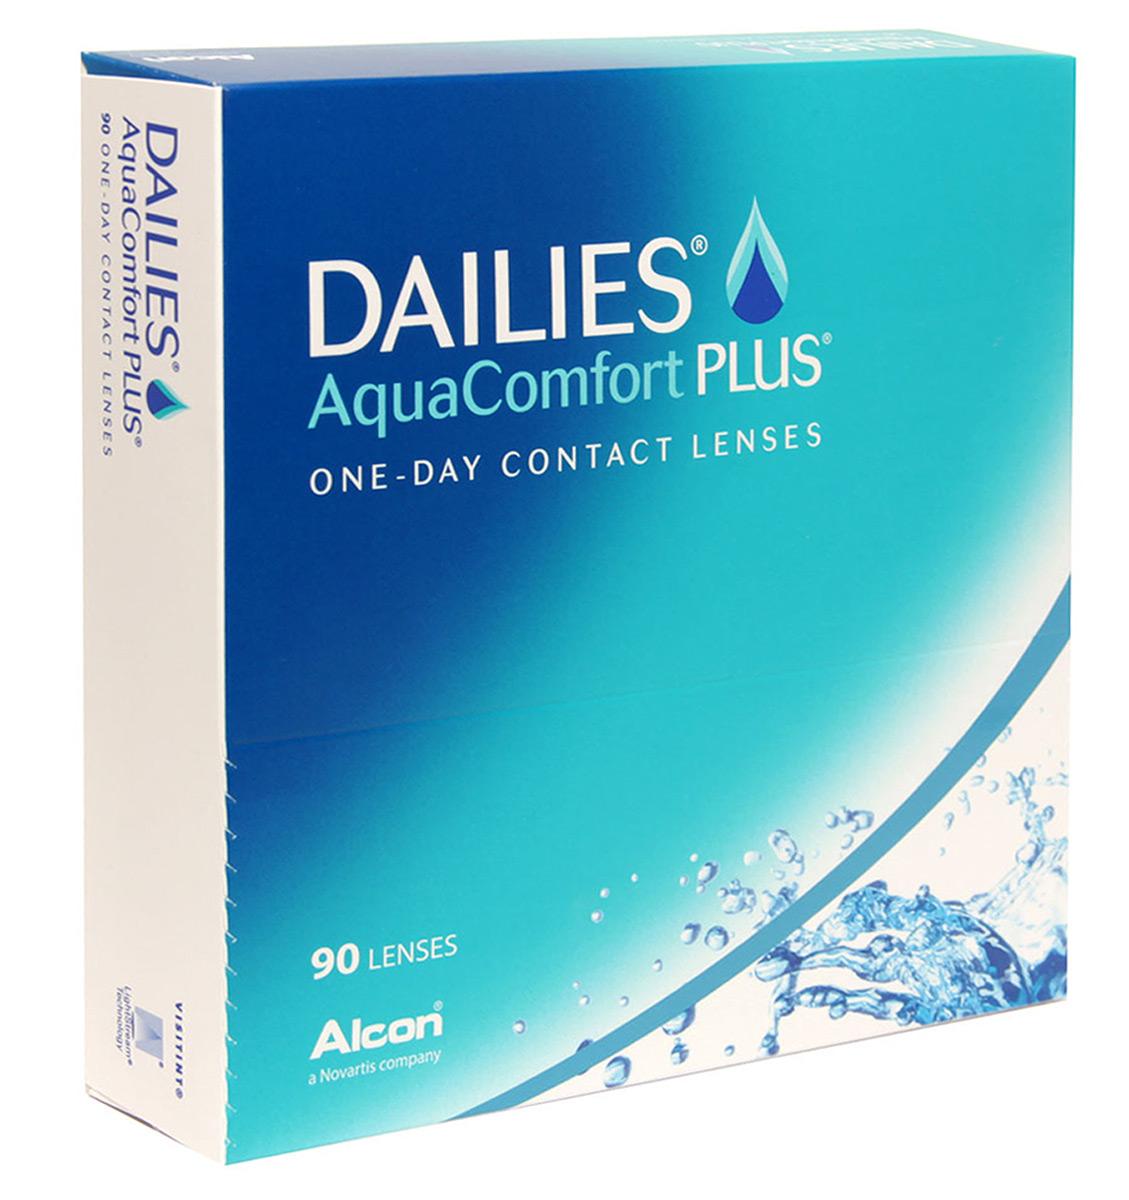 Alcon-CIBA Vision контактные линзы Dailies AquaComfort Plus (90шт / 8.7 / 14.0 / -0.50)38366Dailies AquaComfort Plus - это одни из самых популярных однодневных линз производства компании Ciba Vision. Эти линзы пользуются огромной популярностью во всем мире и являются на сегодняшний день самыми безопасными контактными линзами. Изготавливаются линзы из современного, 100% безопасного материала нелфилкон А. Особенность этого материала в том, что он легко пропускает воздух и хорошо сохраняет влагу. Однодневные контактные линзы Dailies AquaComfort Plus не нуждаются в дополнительном уходе и затратах, каждый день вы надеваете свежую пару линз. Дизайн линзы биосовместимый, что гарантирует безупречный комфорт. Самое главное достоинство Dailies AquaComfort Plus - это их уникальная система увлажнения. Благодаря этой разработке линзы увлажняются тремя различными агентами. Первый компонент, ухаживающий за линзами, находится в растворе, он как бы обволакивает линзу, обеспечивая чрезвычайно комфортное надевание. Второй агент выделяется на протяжении всего дня, он...